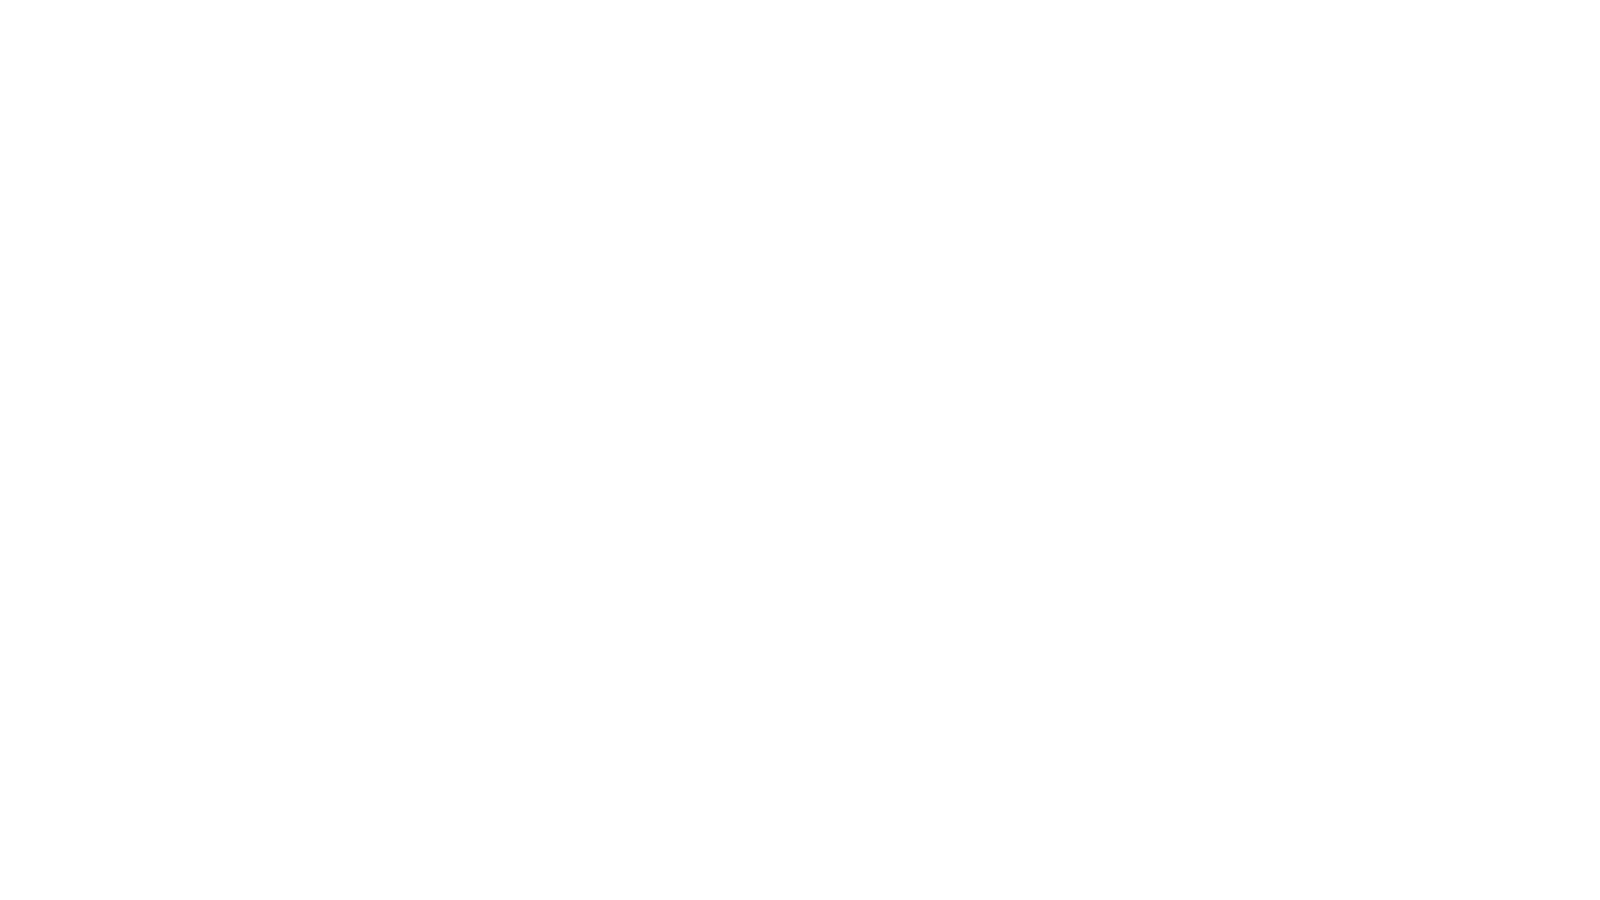 Люк тяжелый  Корпус: 840*100 мм Крышка: 648*40 мм Ширина проема: 600 мм Вес: 98 кг Нагрузка: 25 тонн Материал: СЧ20 ГОСТ: 3634-2019  🌍kirti-corp.com  ℹ️ Больше информации по телефону/почте ☎️ 88005002584 ✉️ kirti2019@yandex.ru  Мы готовы вместе с ВАМИ делать наши дороги НАДЕЖНЫМИ и БЕЗОПАСНЫМИ!